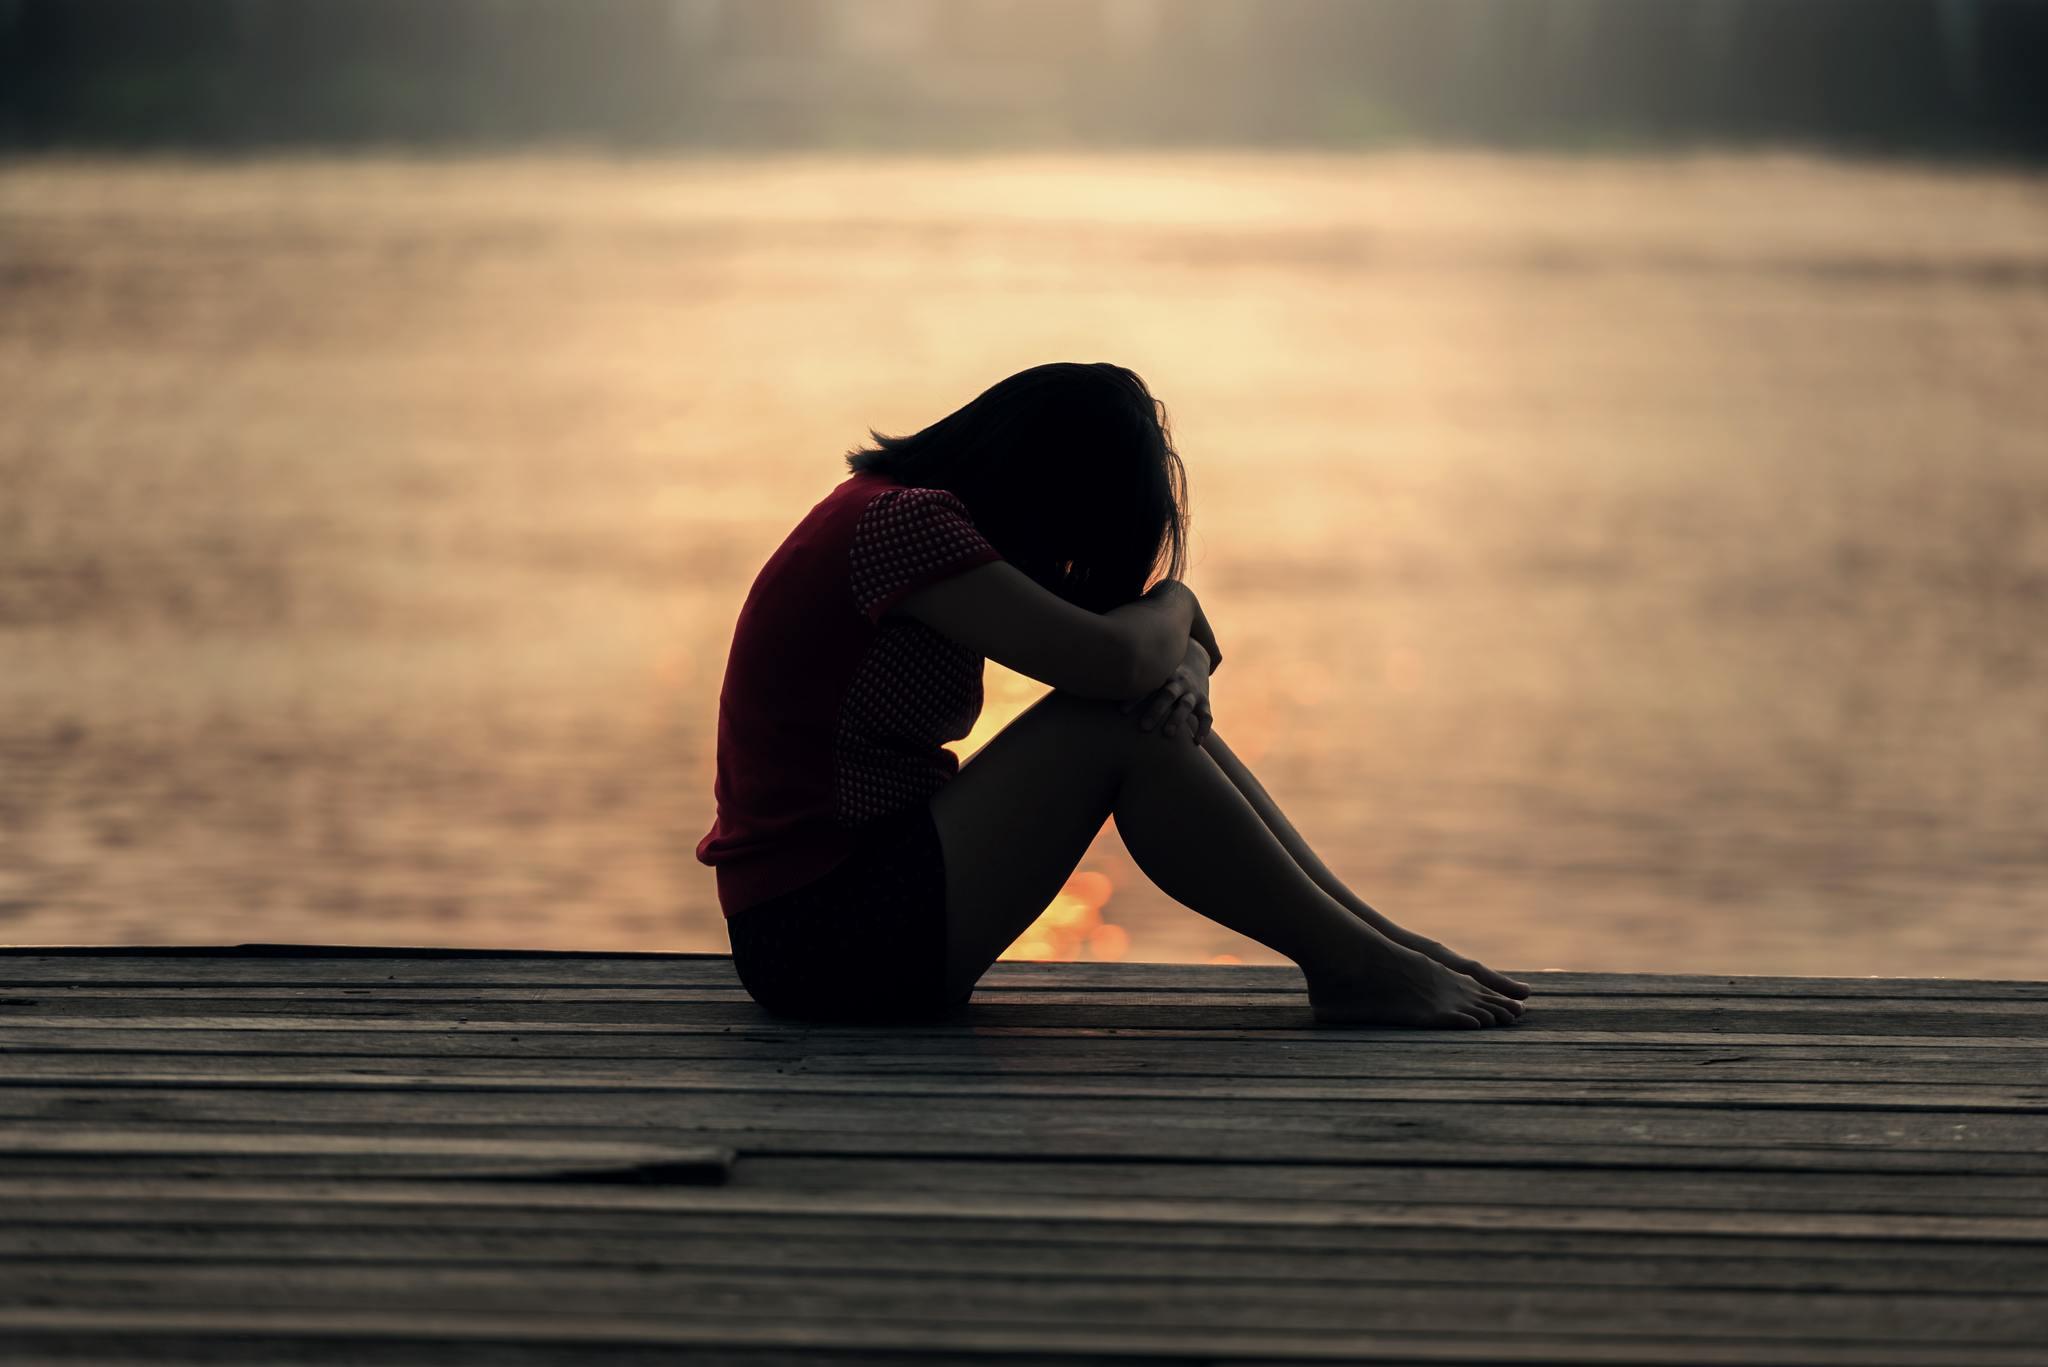 Hình ảnh buồn chán tuyệt vọng